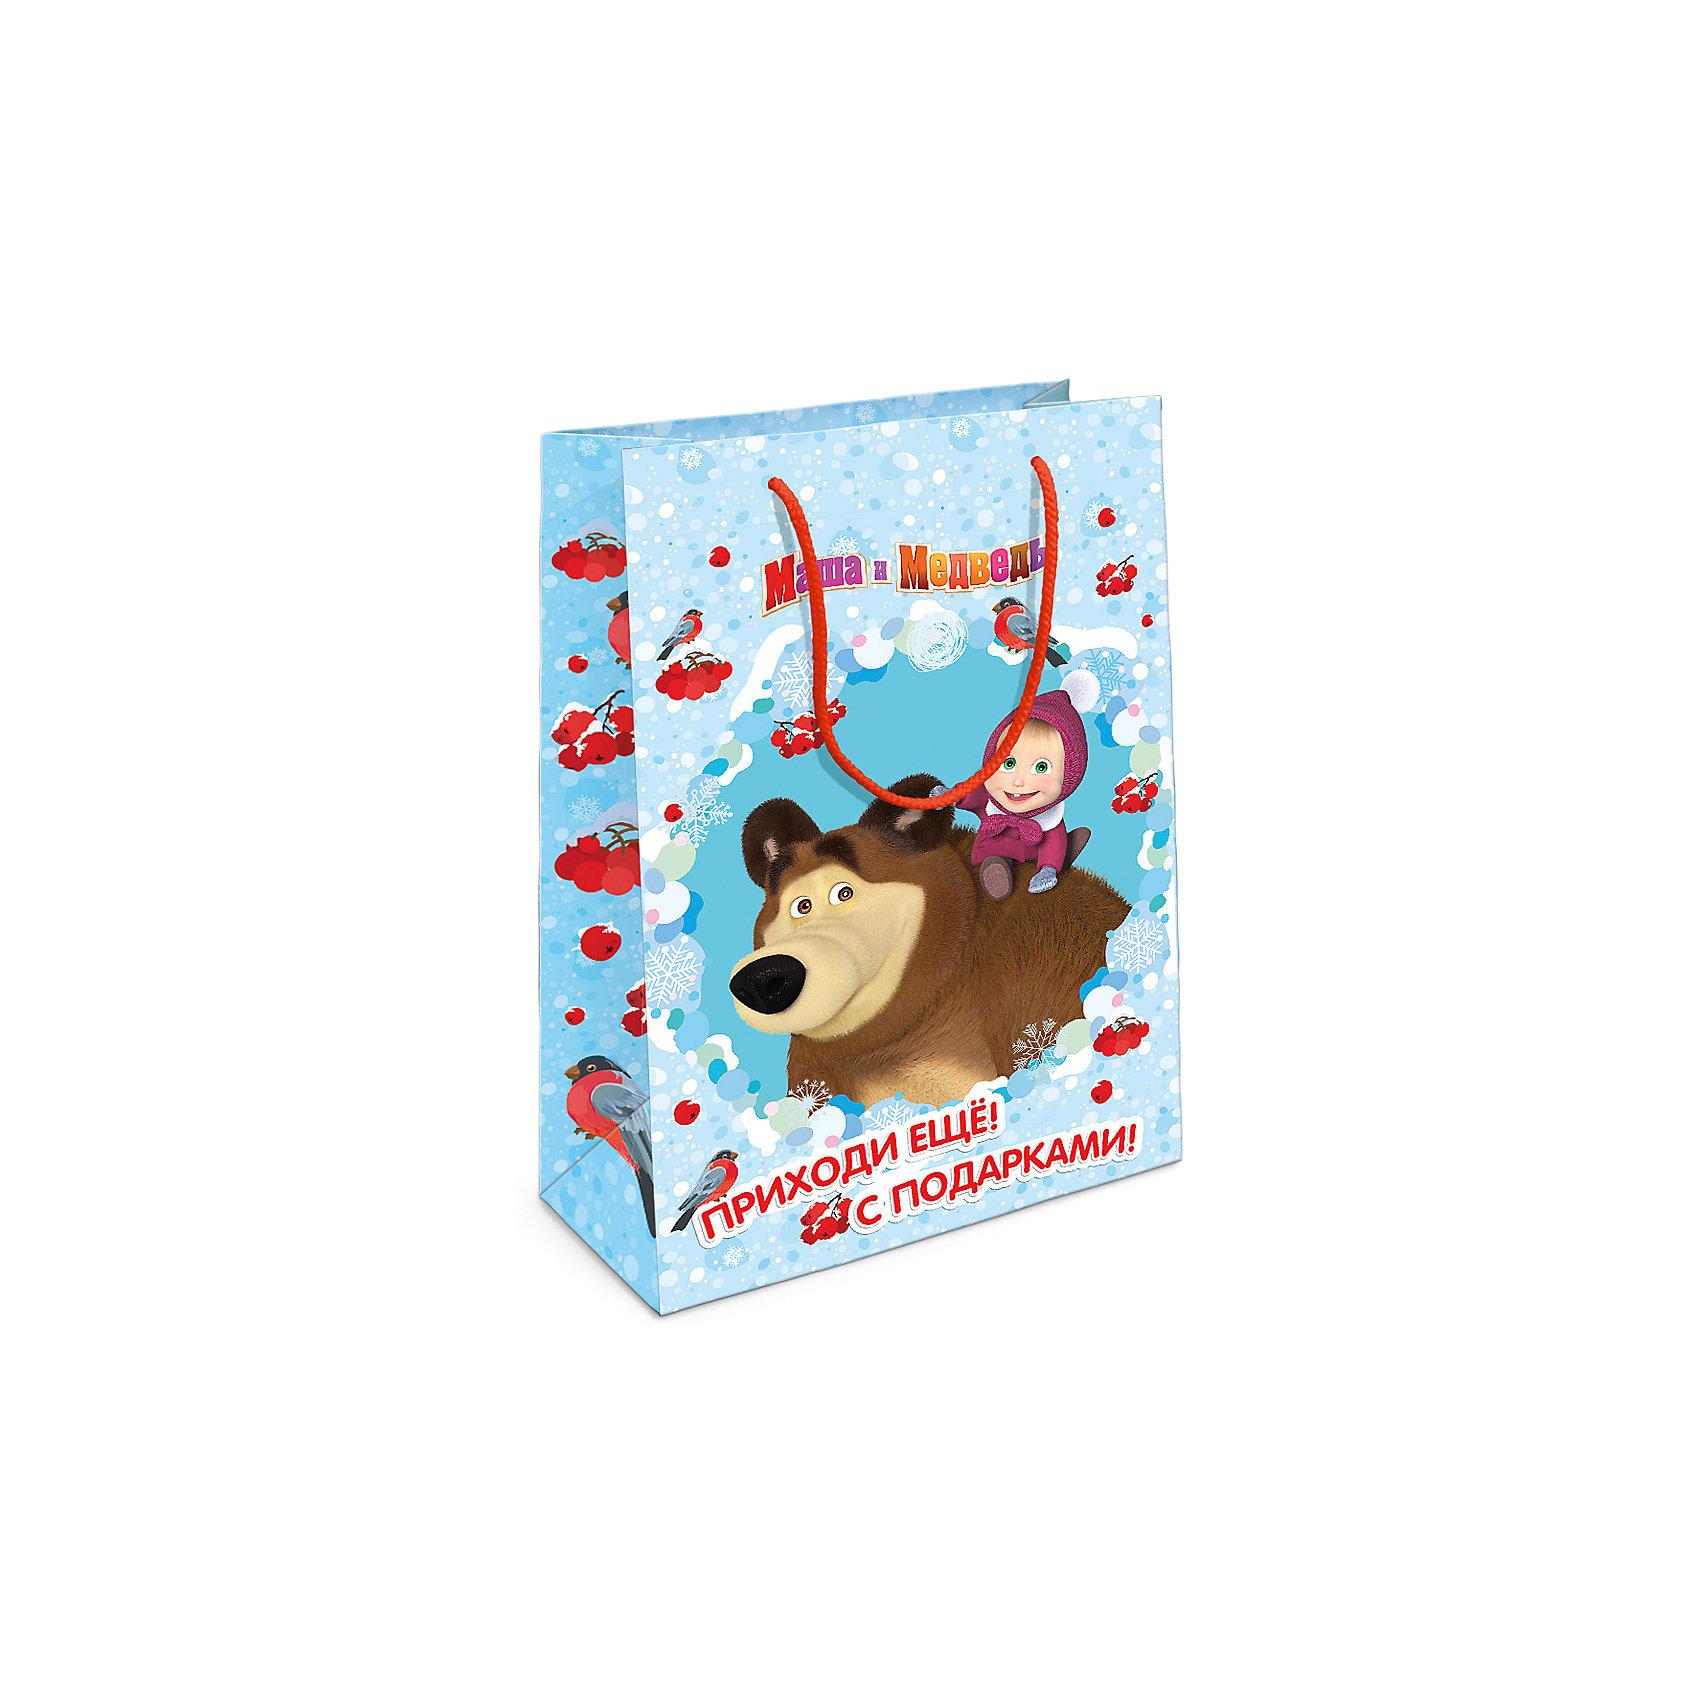 Росмэн Пакет подарочный Маша новогодняя 350*250*90 товары для праздника olala пакет подарочный миньон король 350 х 250 х 90 см